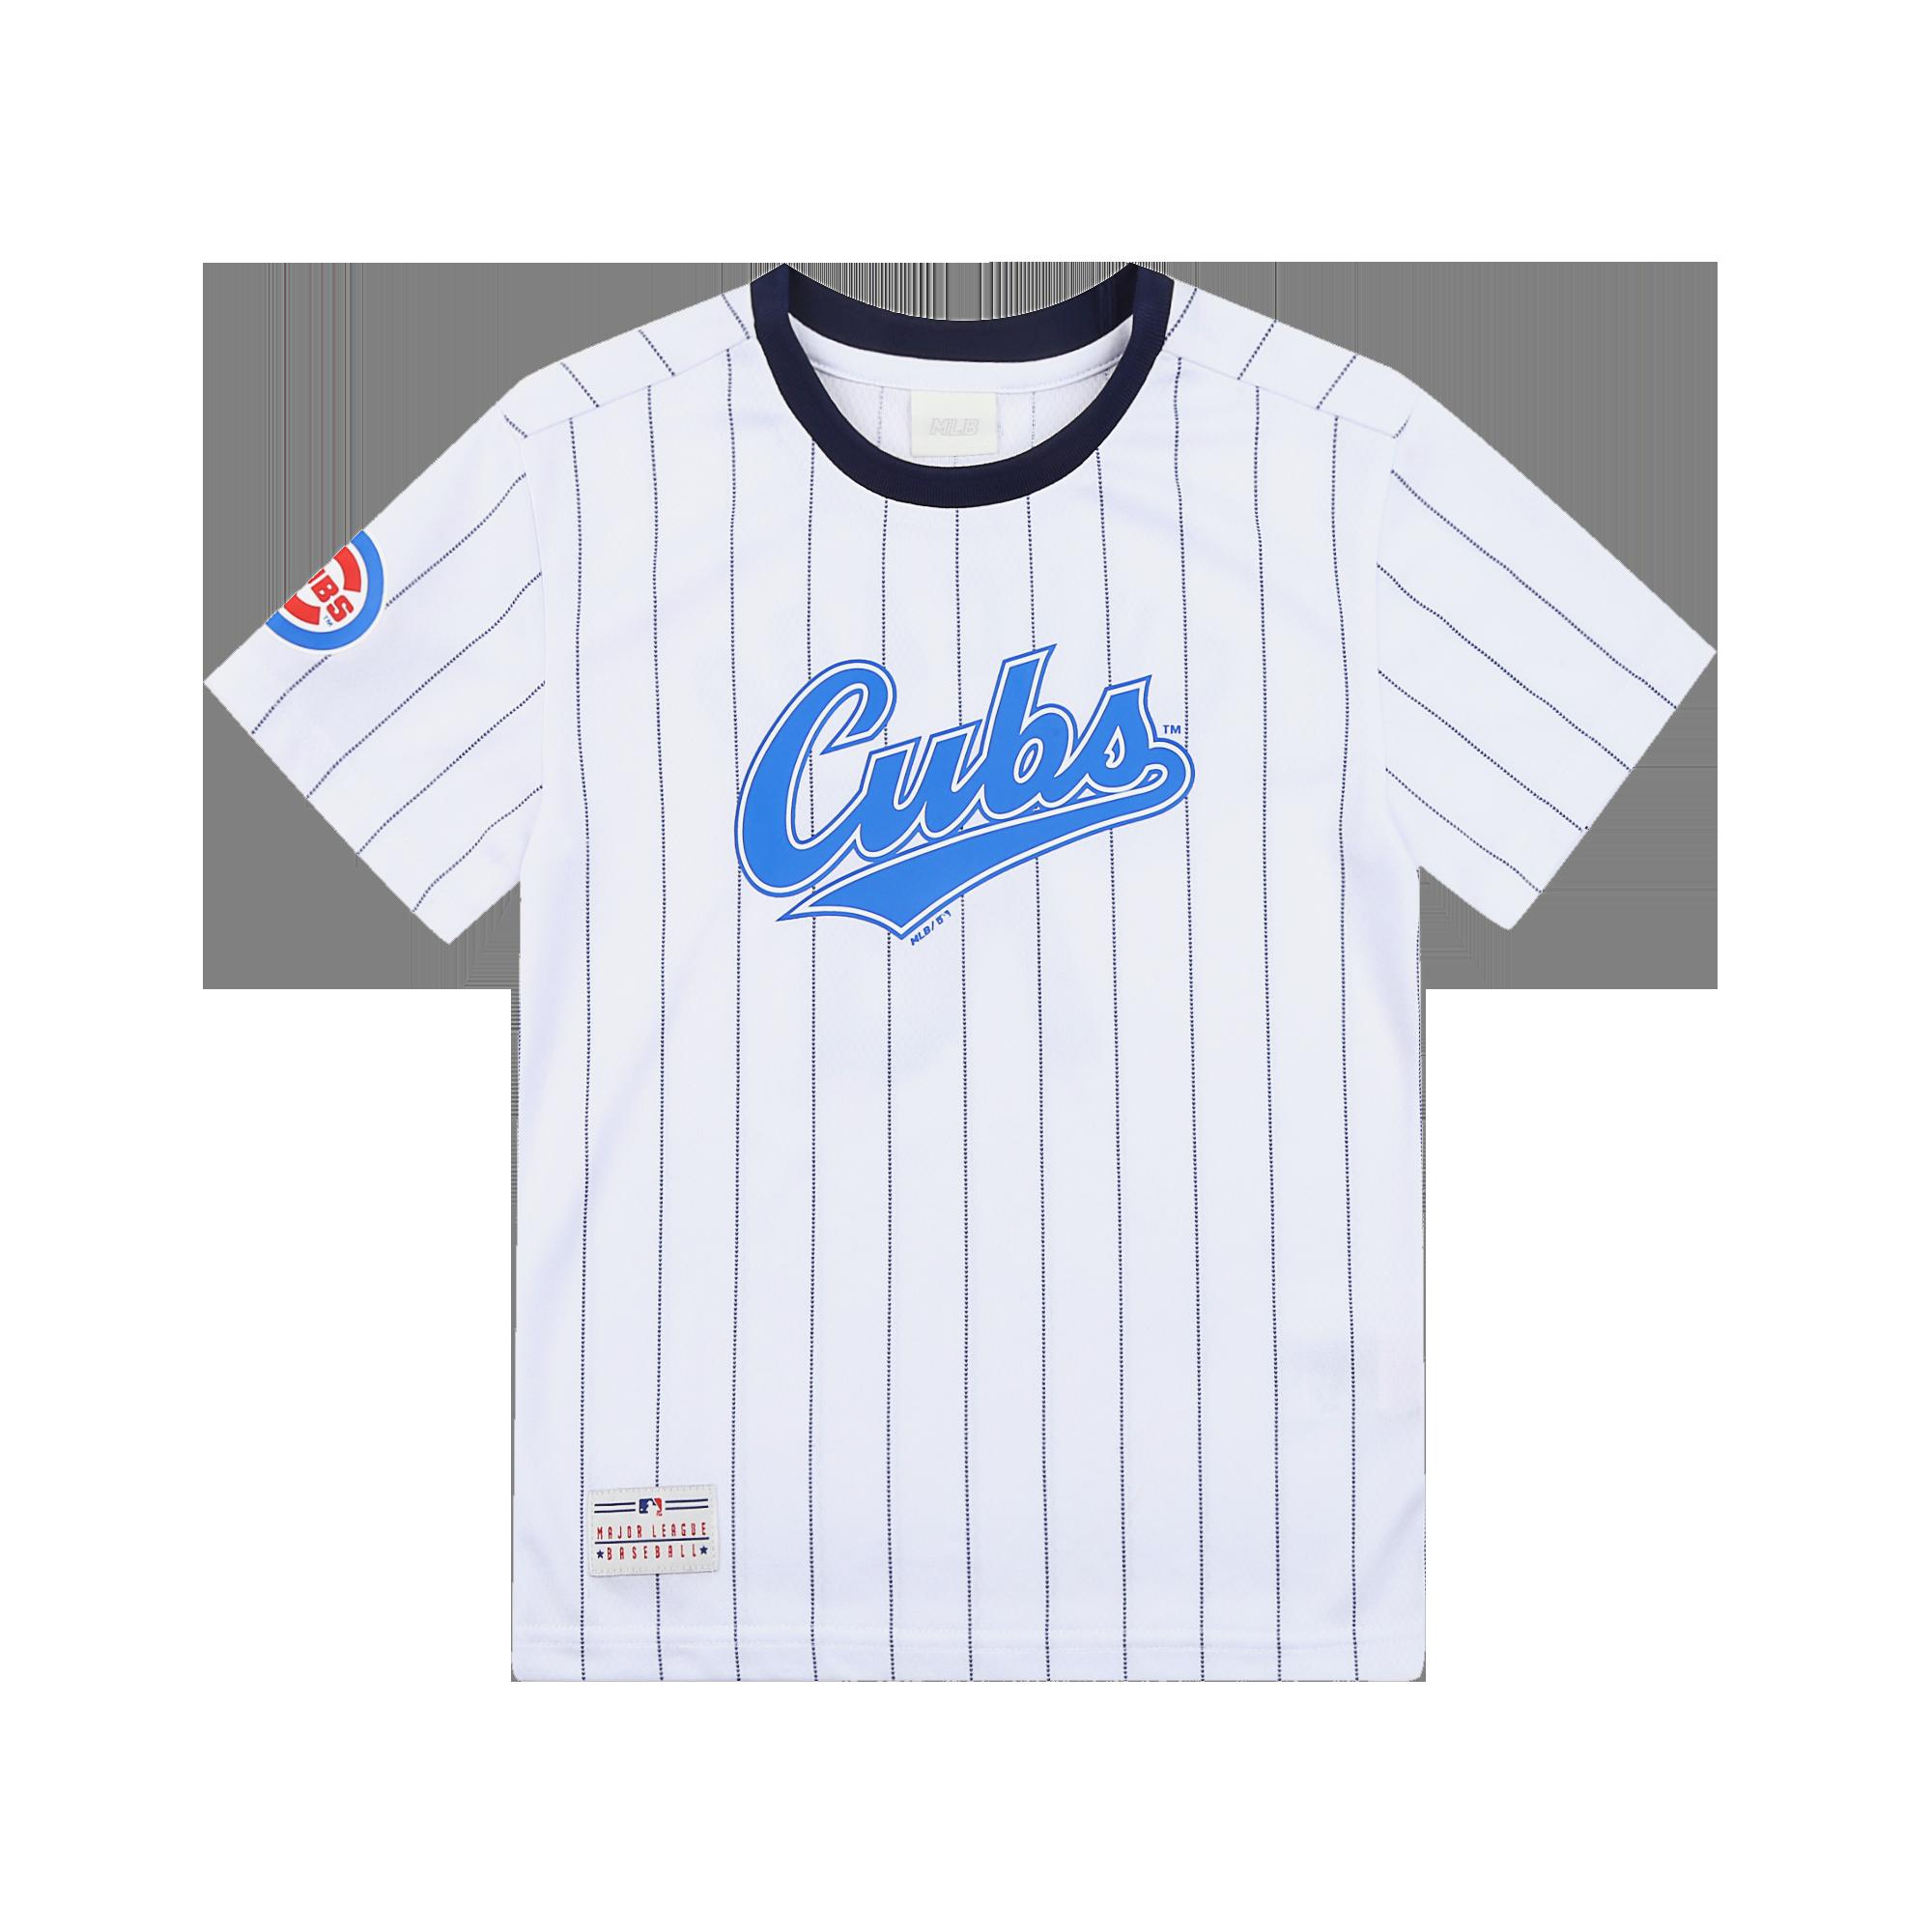 시카고컵스 스트라이프 오버핏 반팔 티셔츠